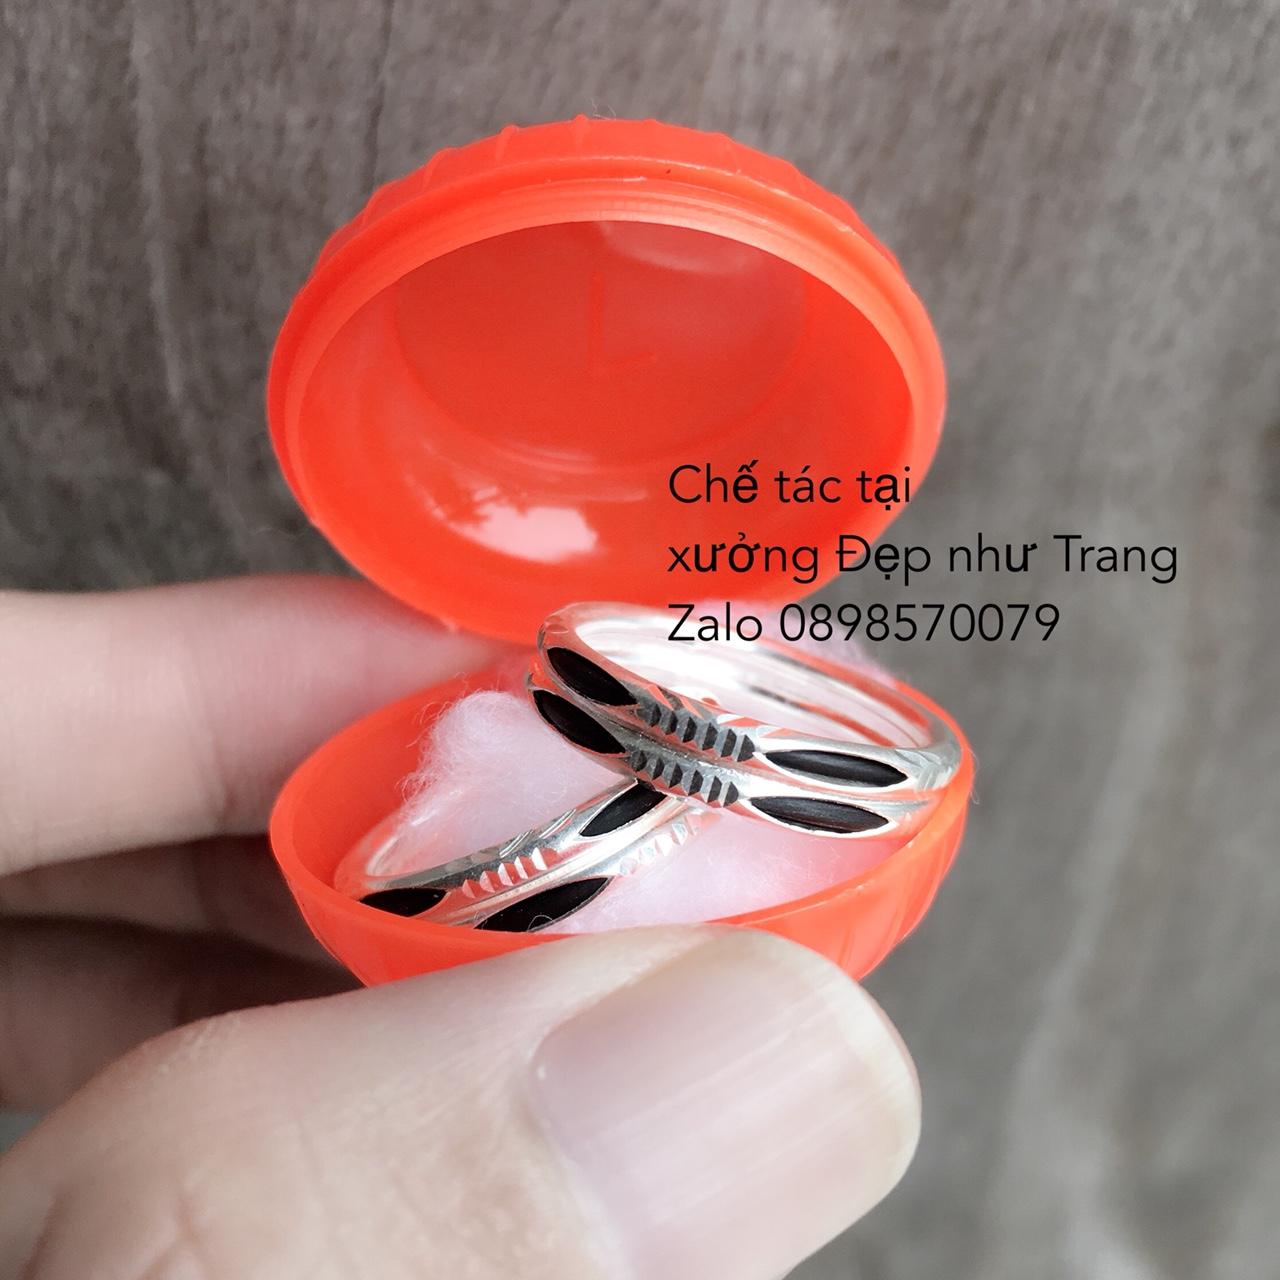 Một cặp nhẫn kép (dành cho 2 người) đã được một khách hàng ở TPHCM đặt hàng